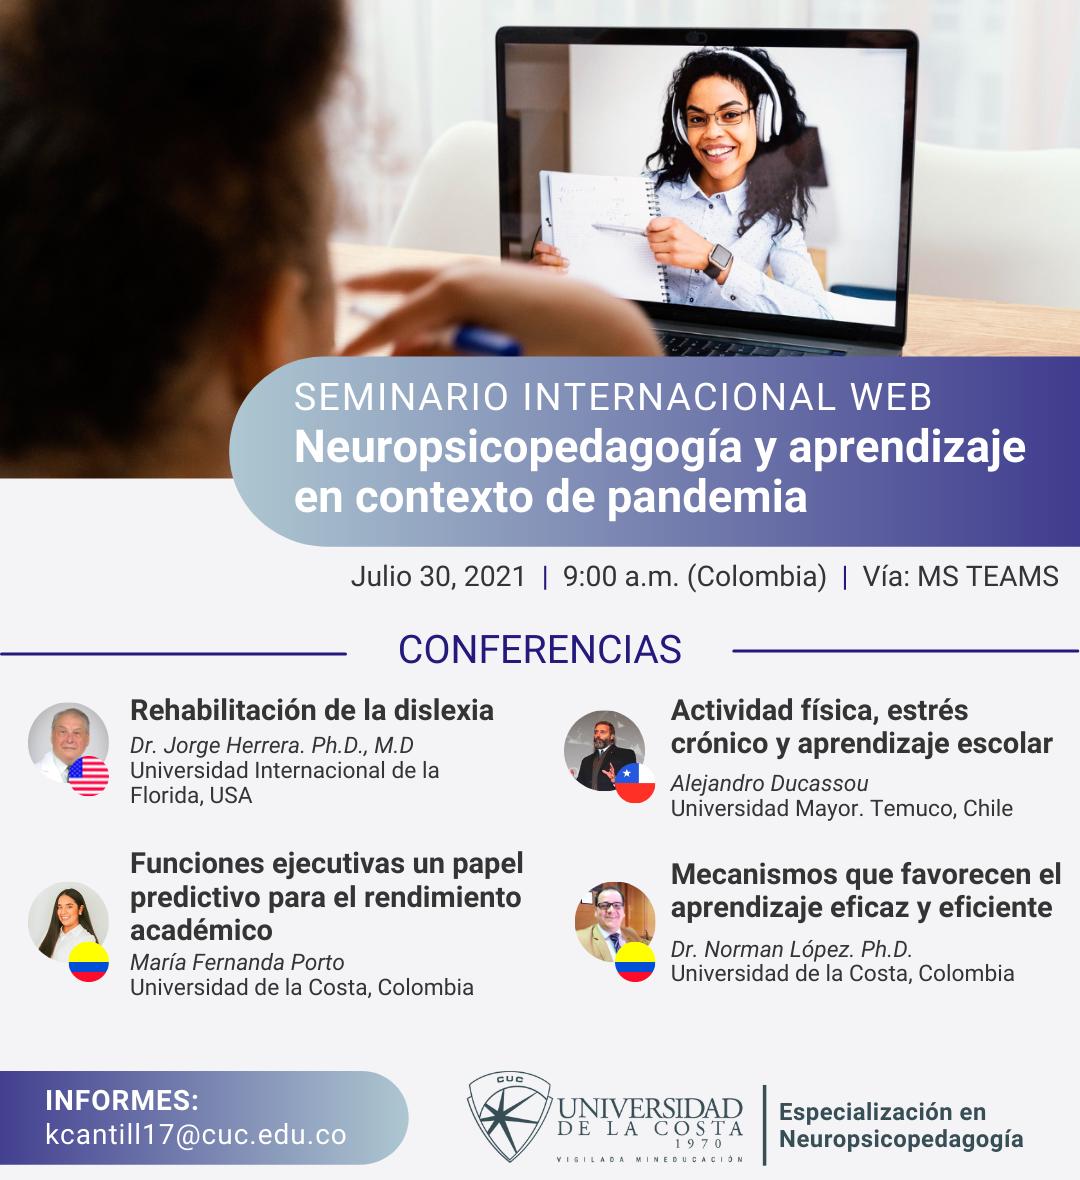 seminario neuropsicopedagogia aprendizaje unicosta cuc